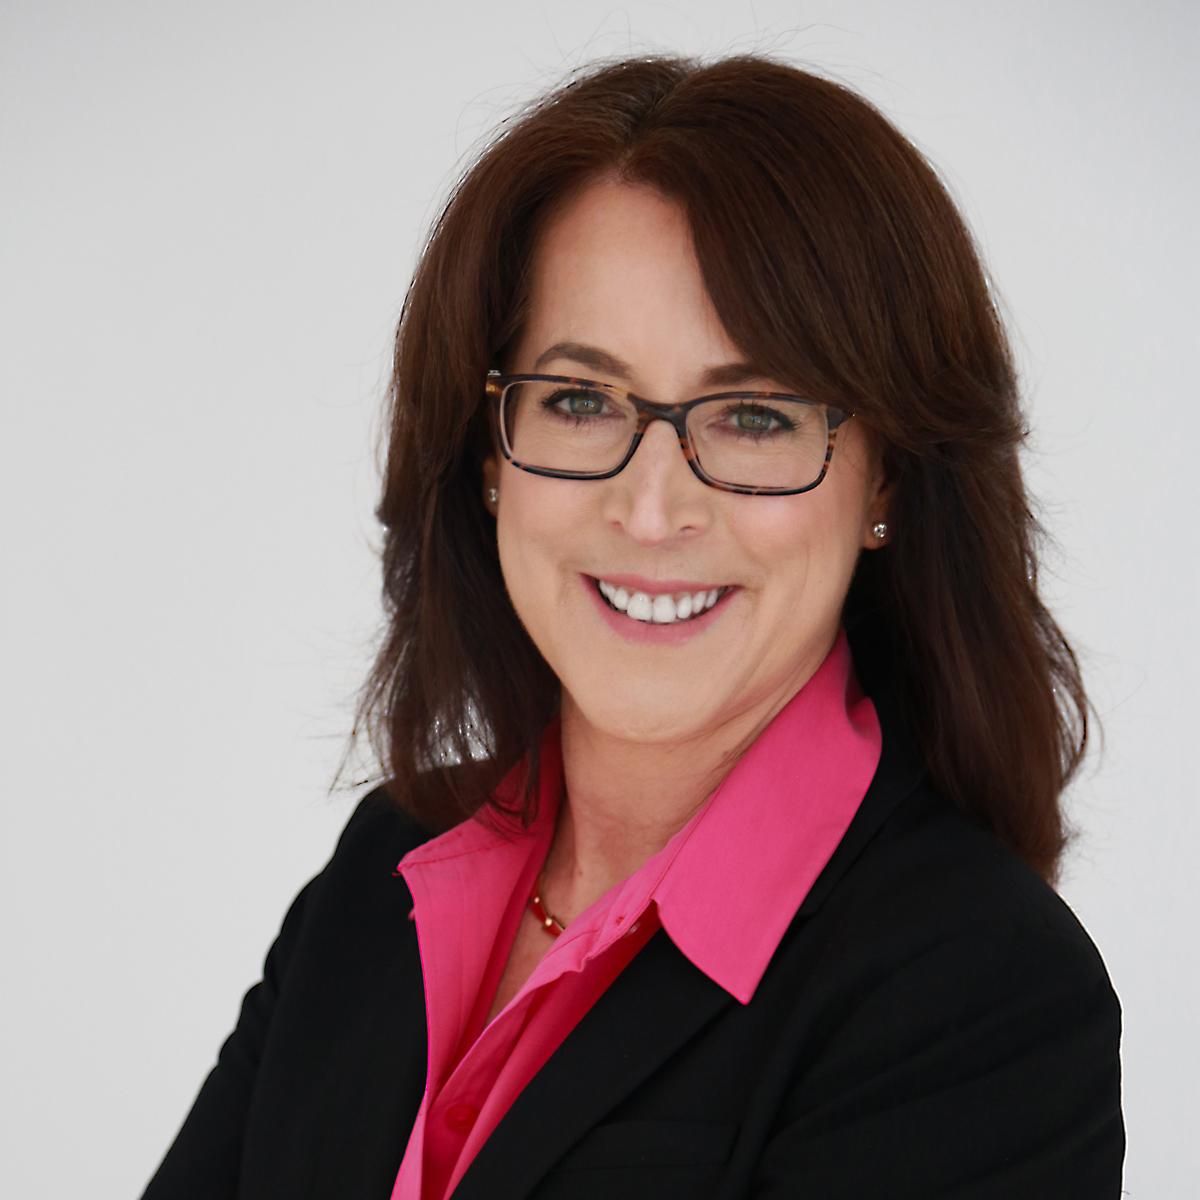 Robyn DeLuca